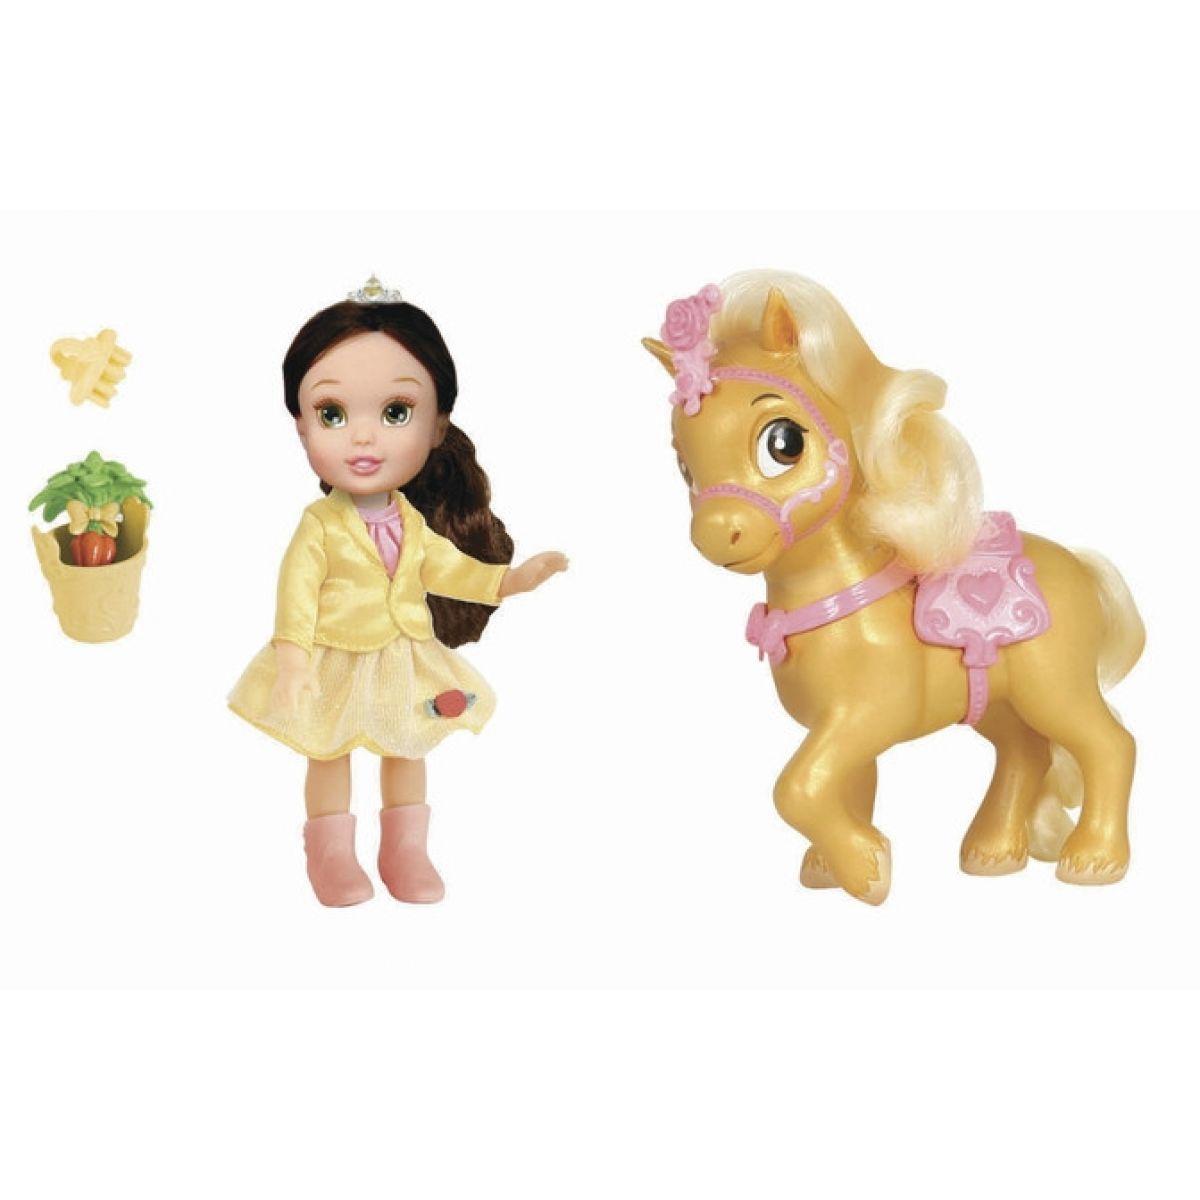 Princezna a kůň - Kráska